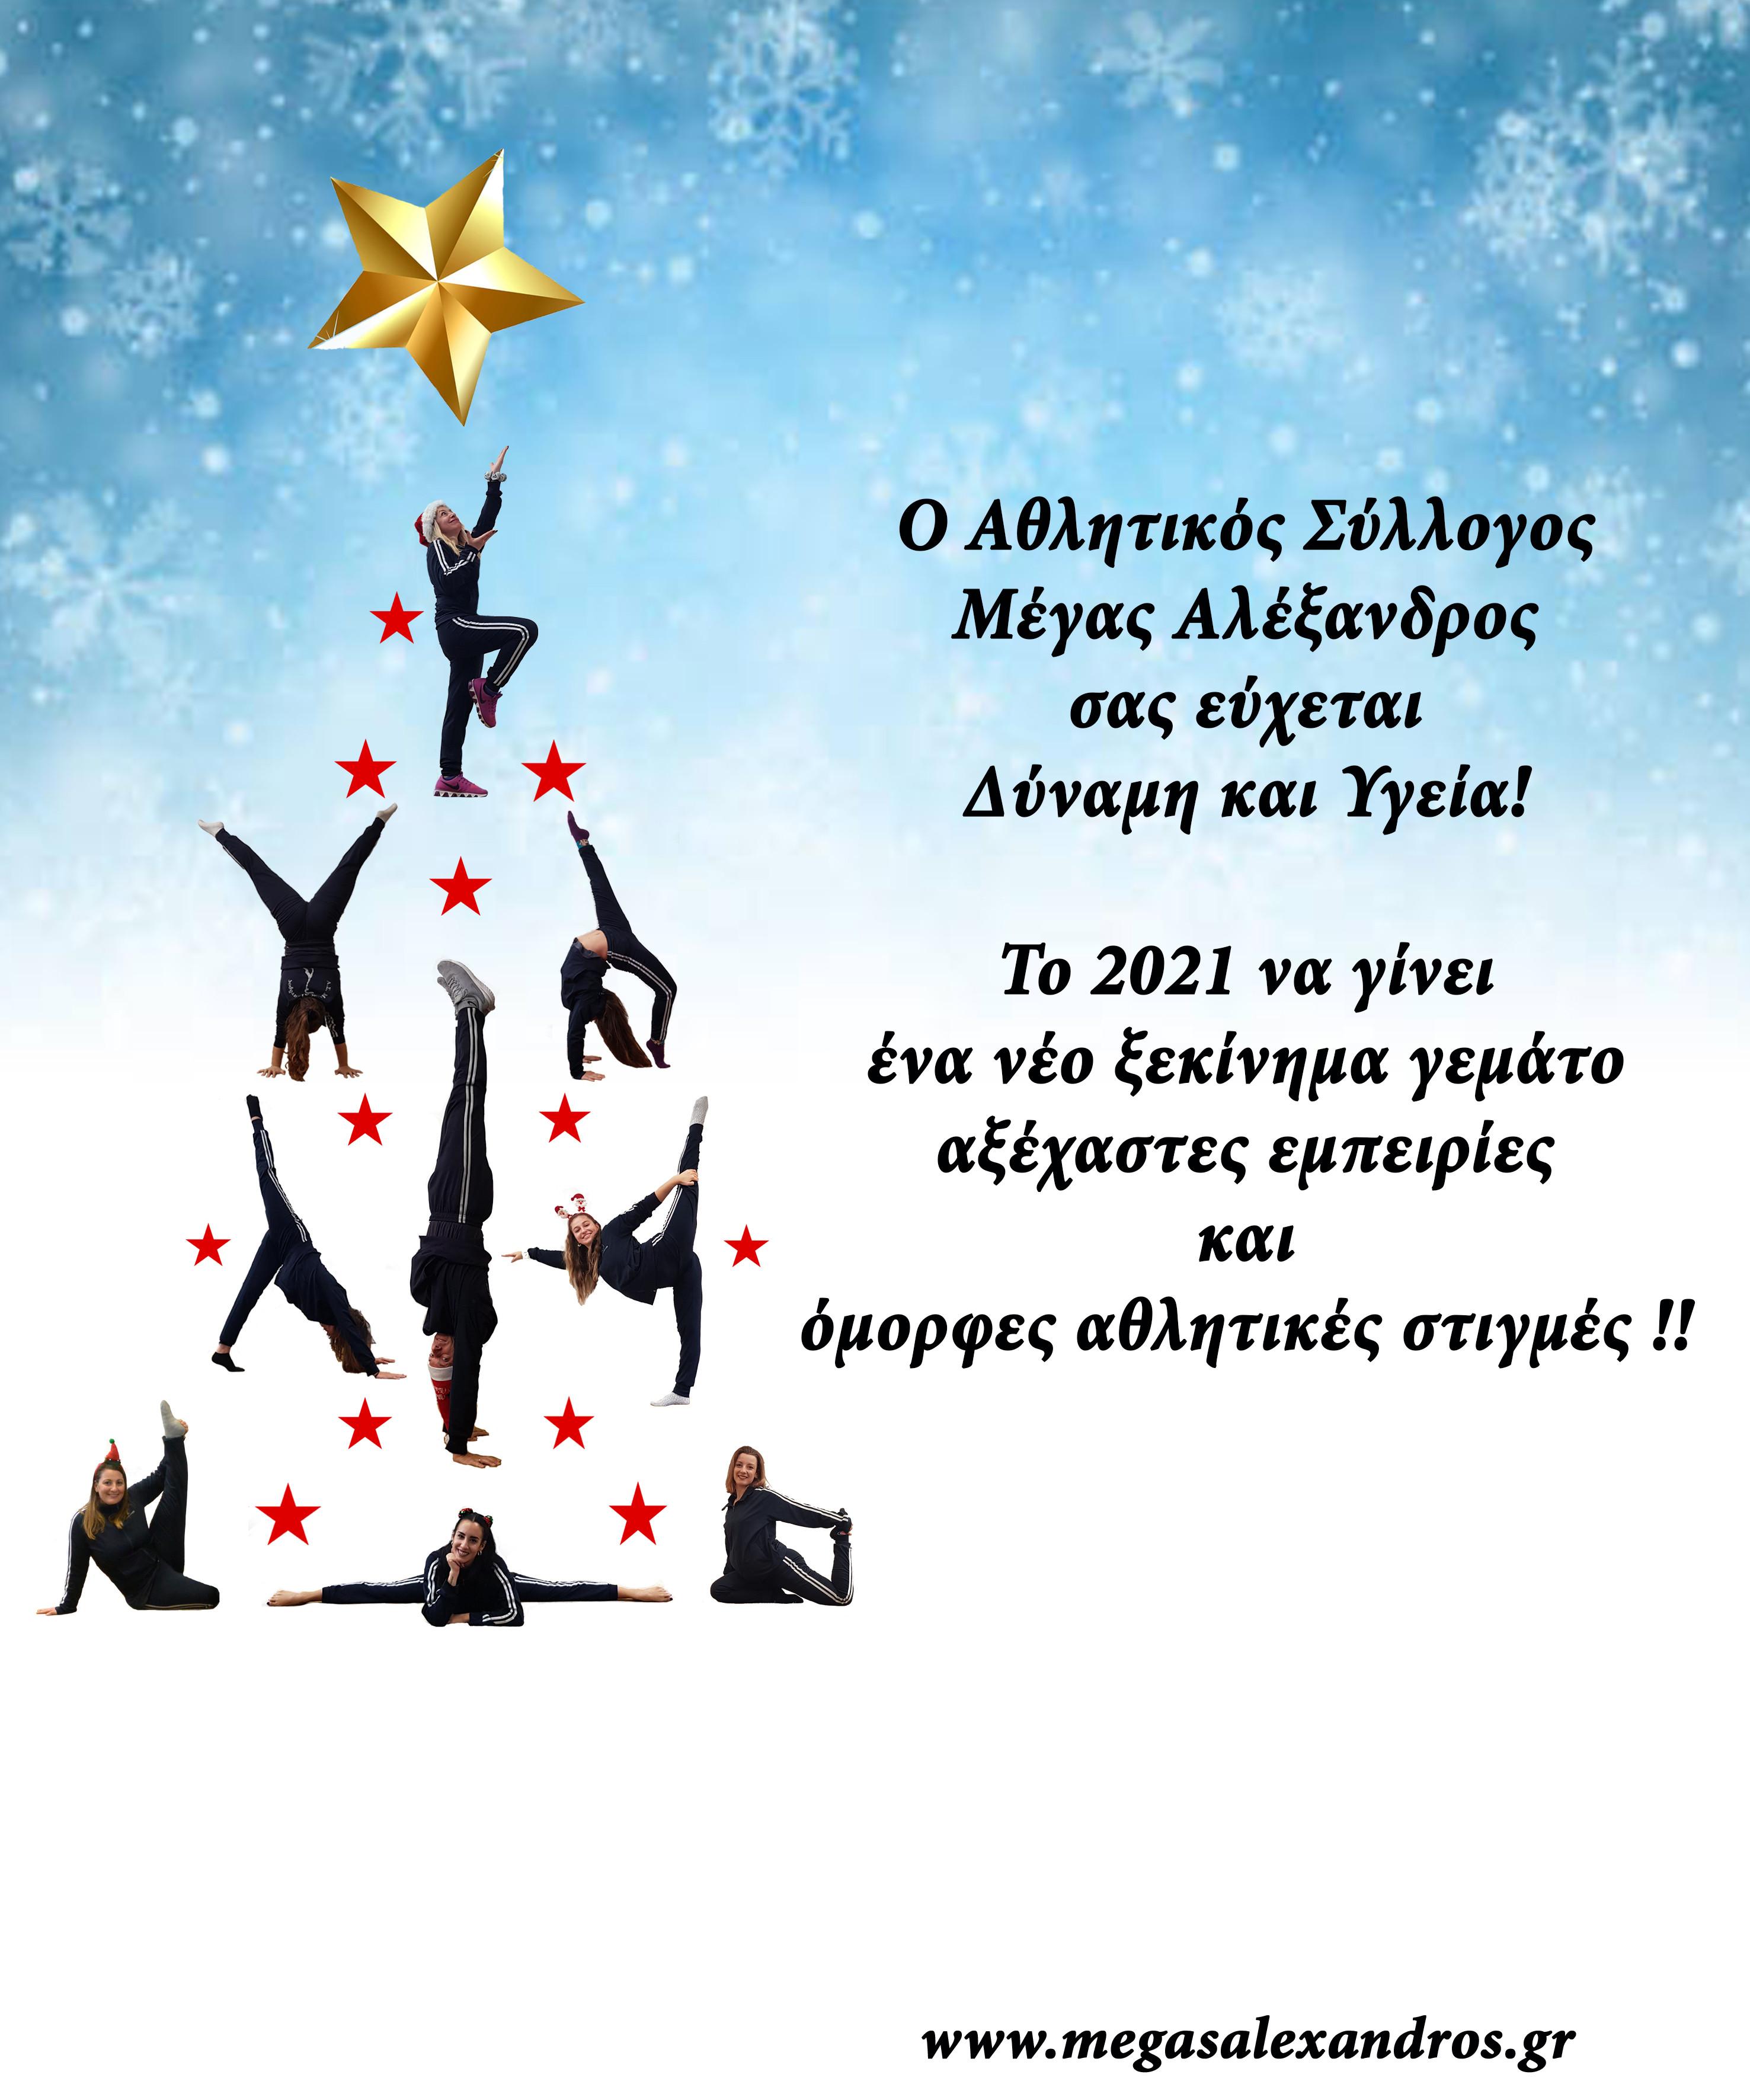 ΜΠΑΜΠΑΣ ΠΑΙΔΙ ΜΑΡΤΙΟΣ 2021